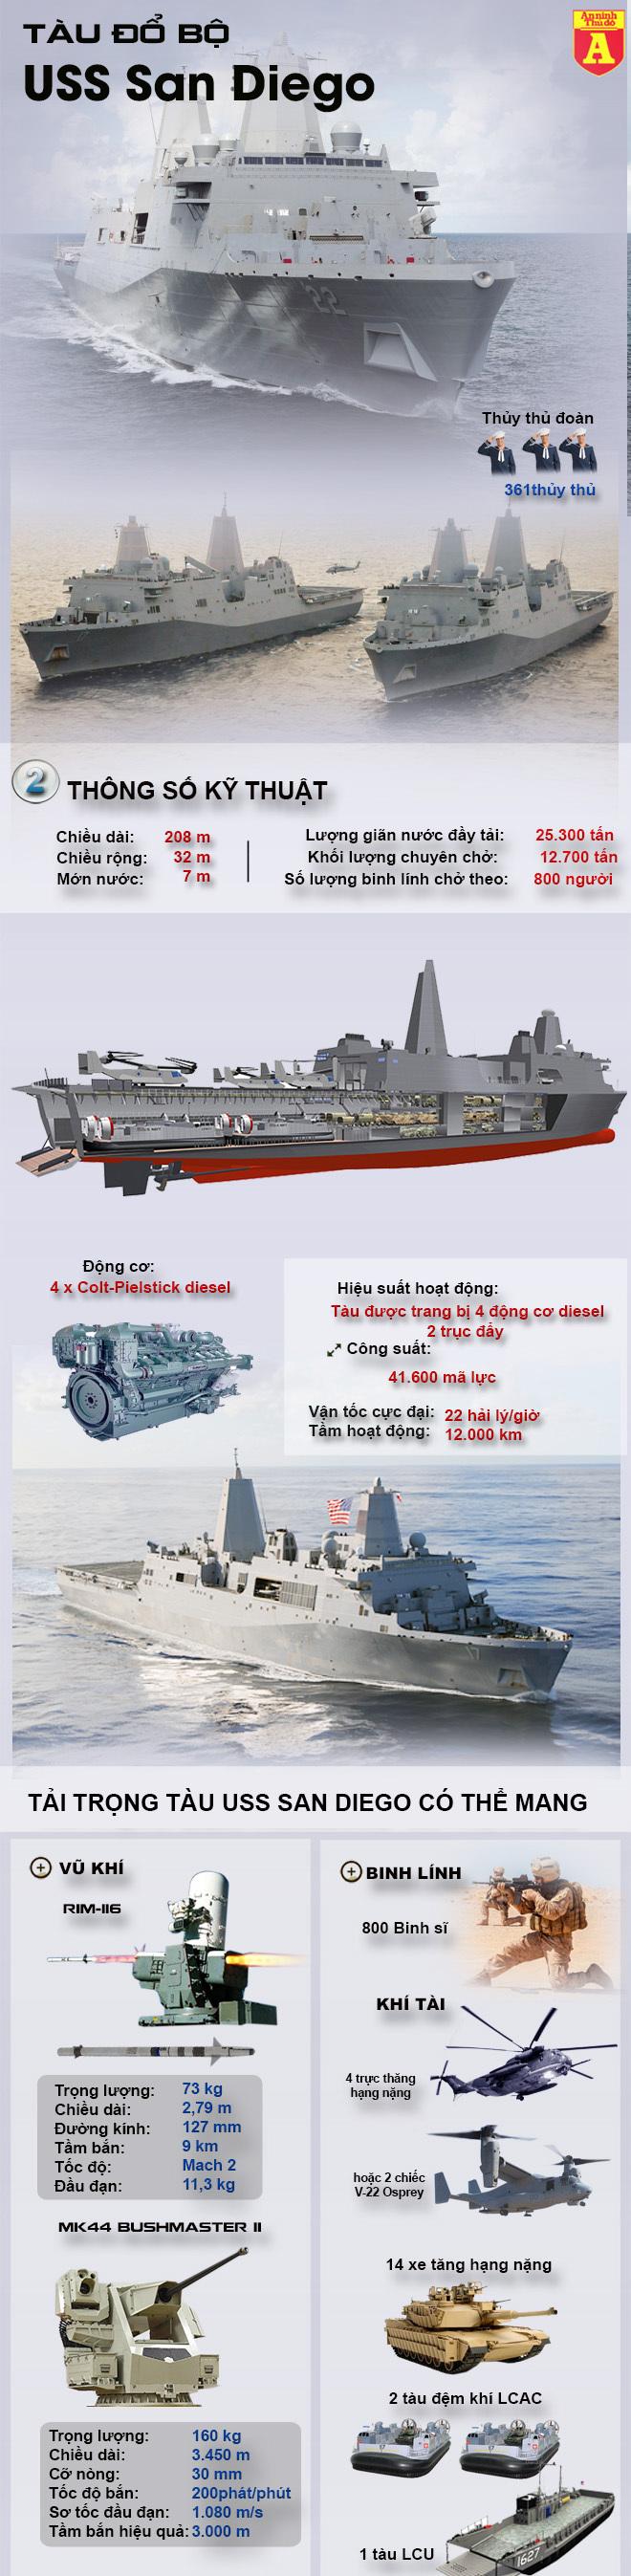 Tàu USS San Diego,hải quân Mỹ,tàu hải quân,cảng Cam Ranh